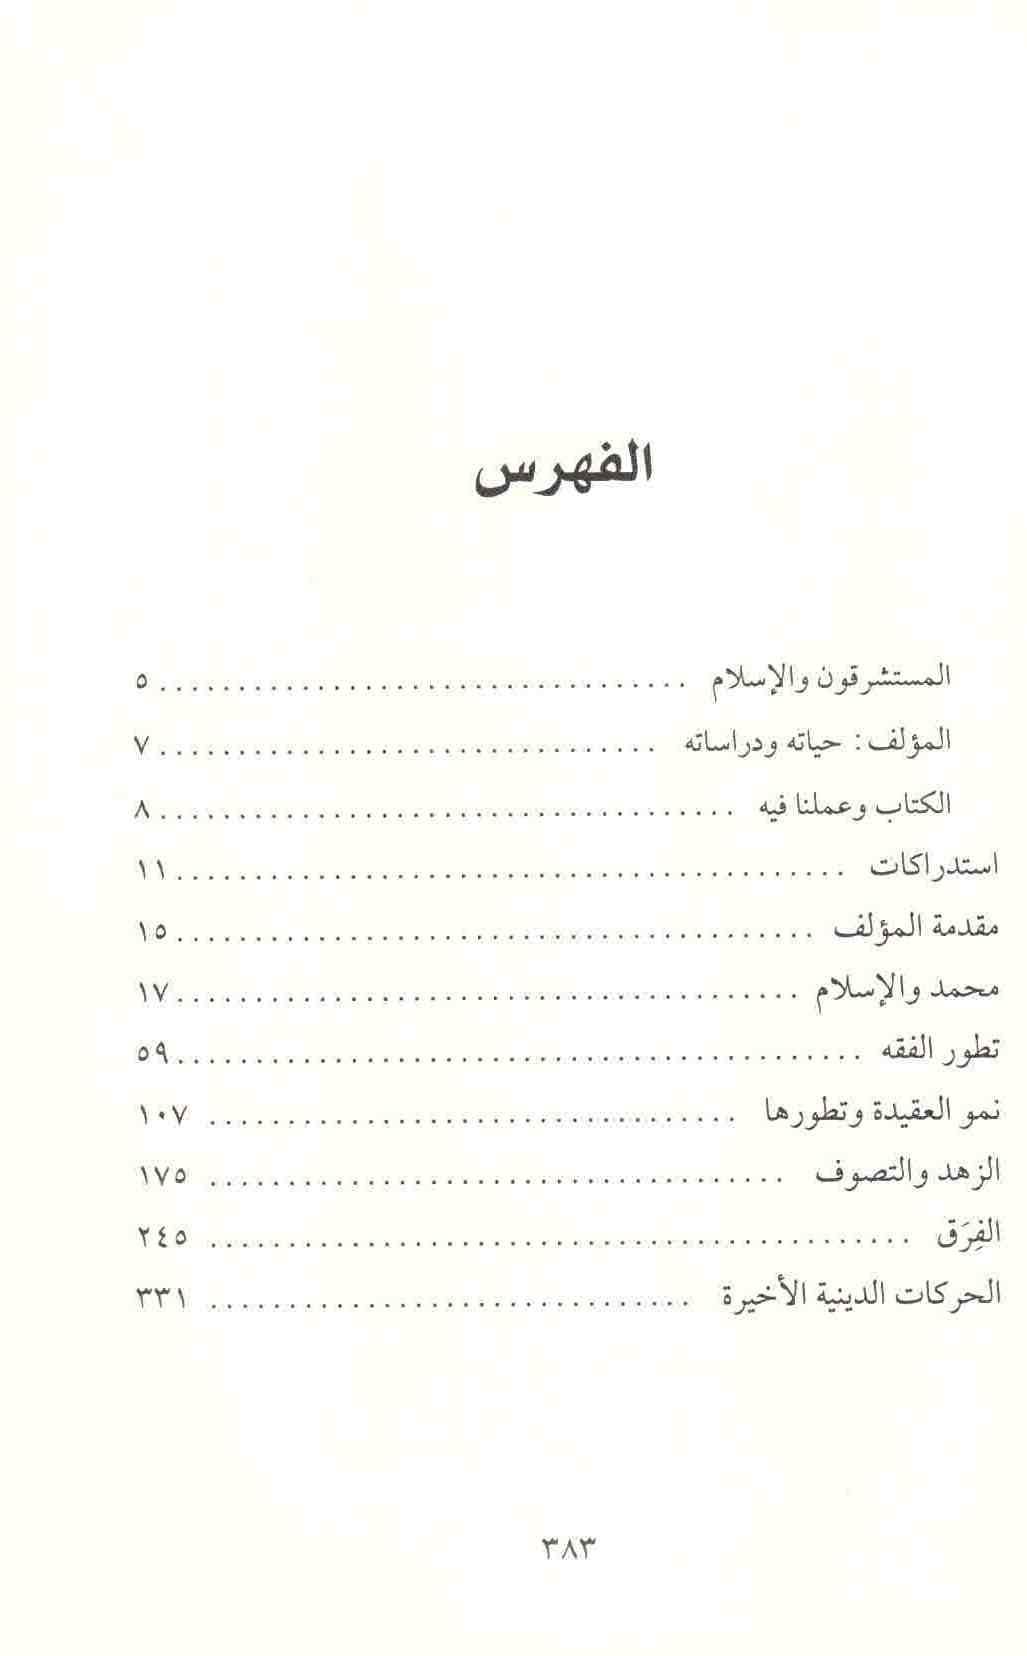 ص 383 محتويات كتاب العقيدة والشريعة